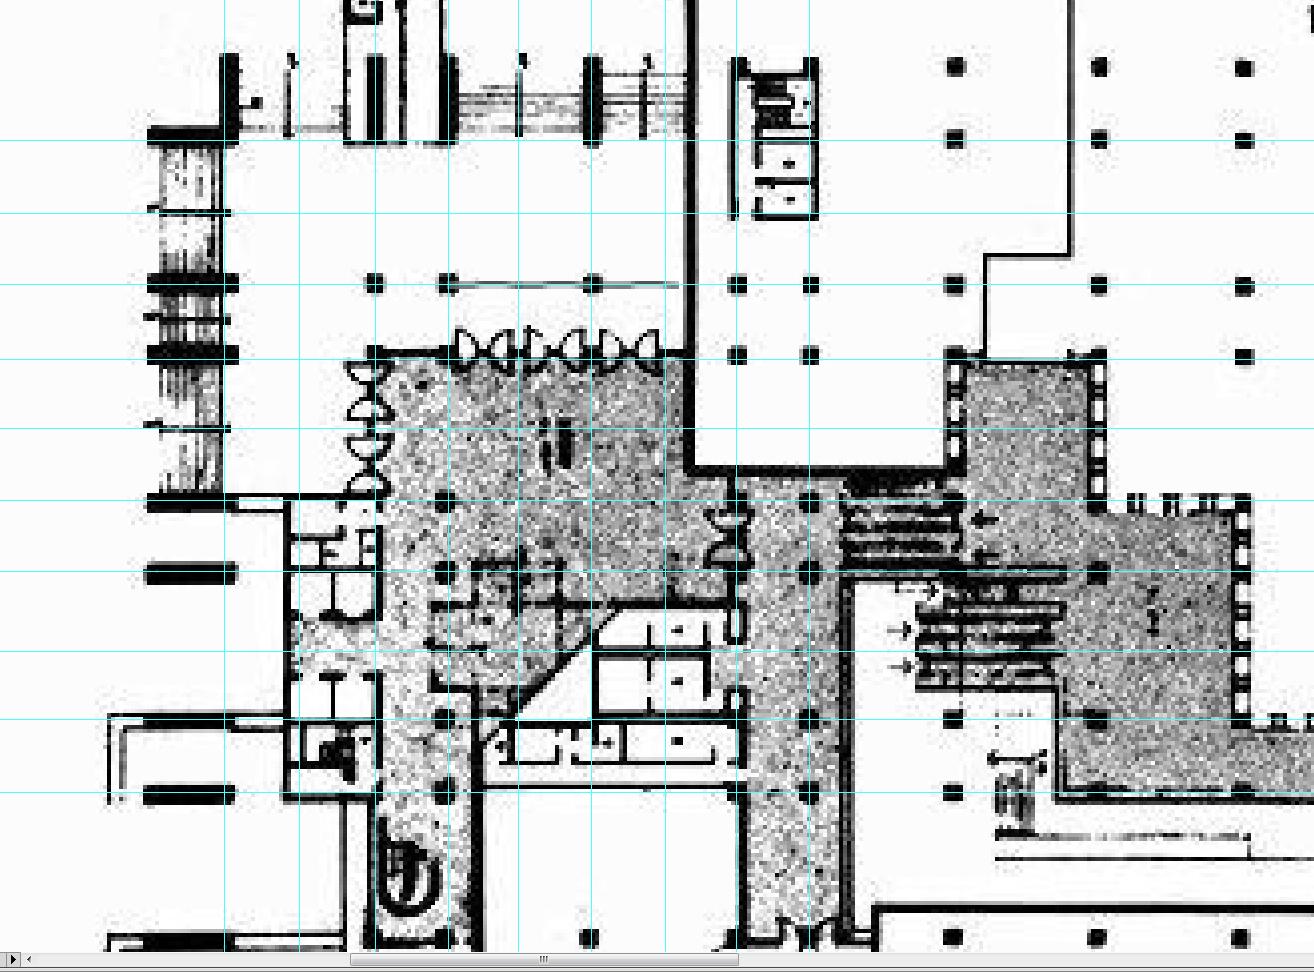 City hall floor plan city hall floor plan game design Ryan moe home design reviews